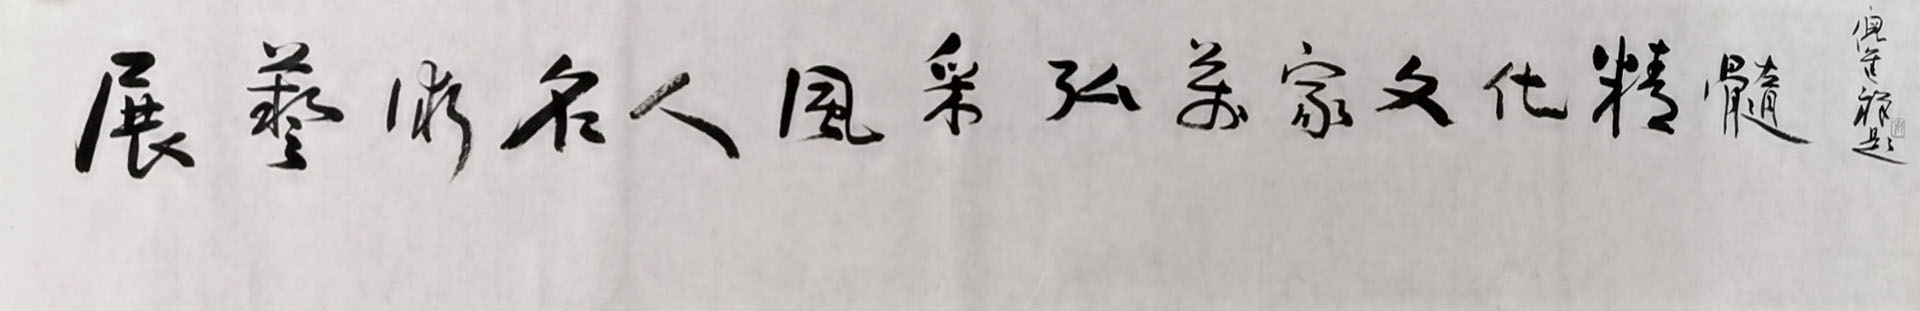 展艺术名人风采,弘万家文化精髓——高国雄(八十七)